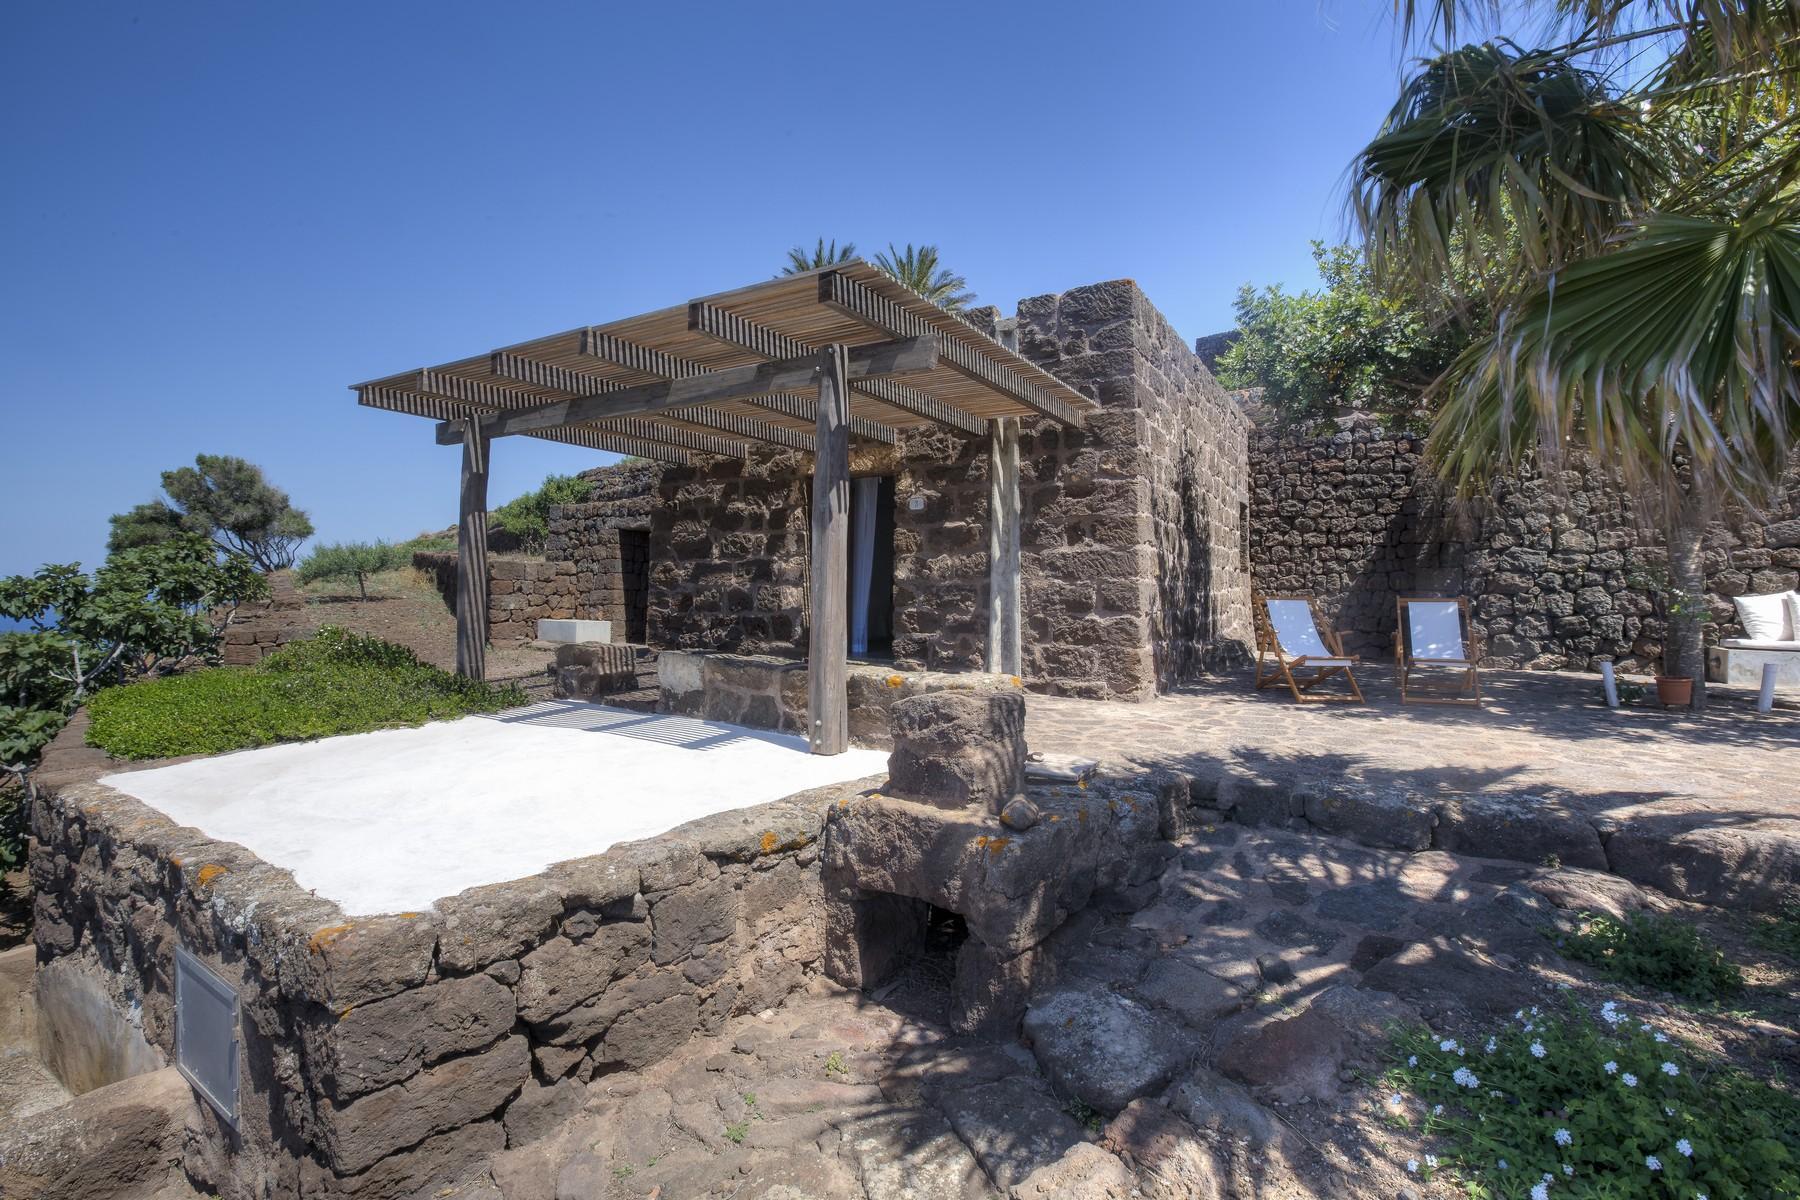 独特的Pantelleria岛上的纯净天堂 - 16